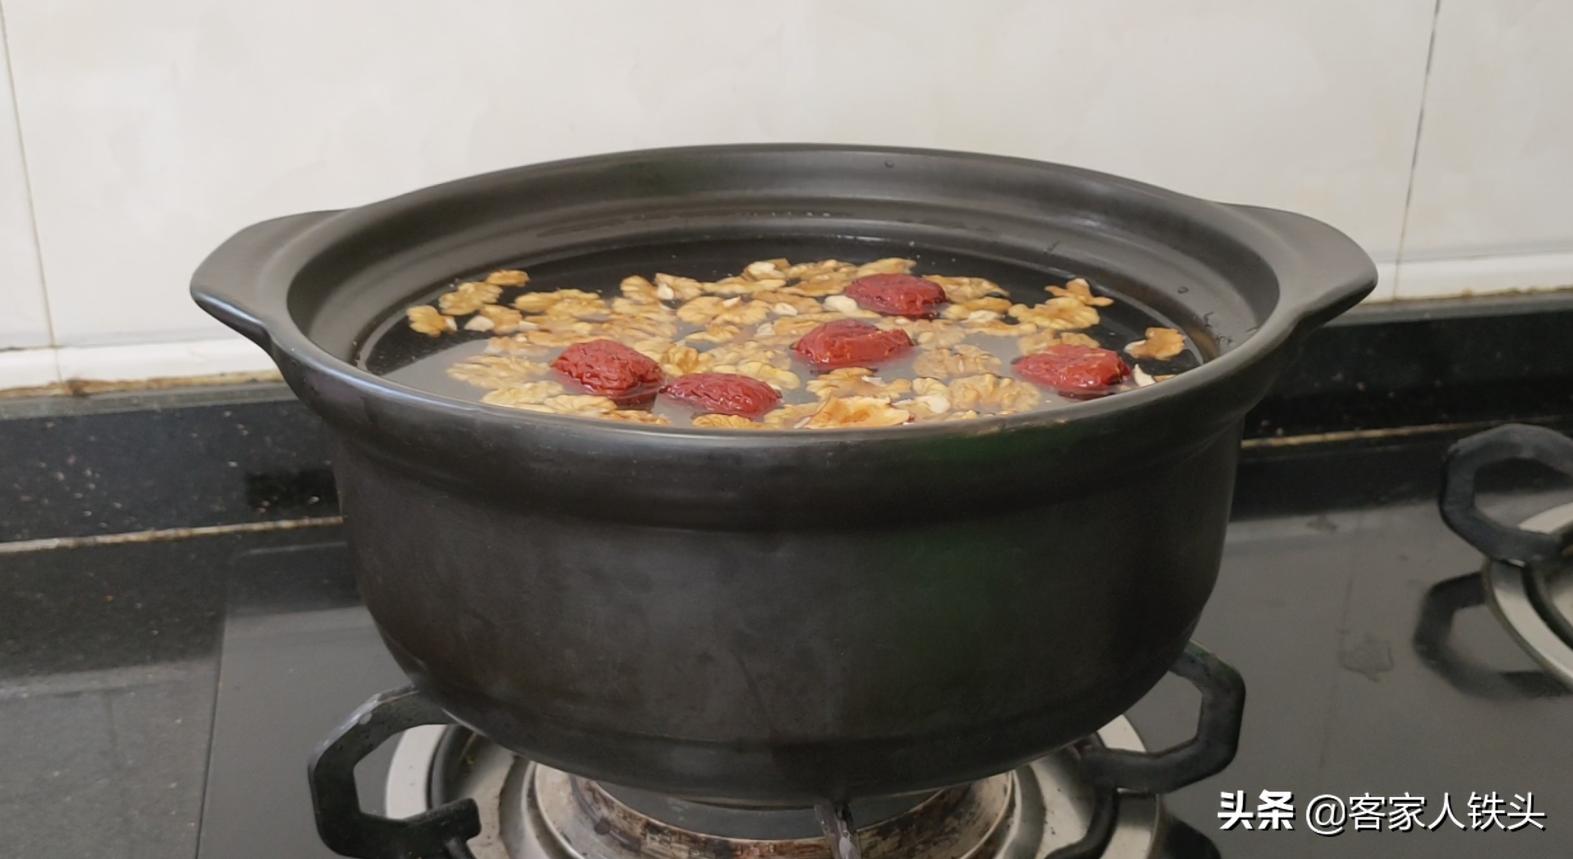 年後喝什麼湯好? 開學了常給孩子煲一鍋營養靚湯,材料簡單味道好